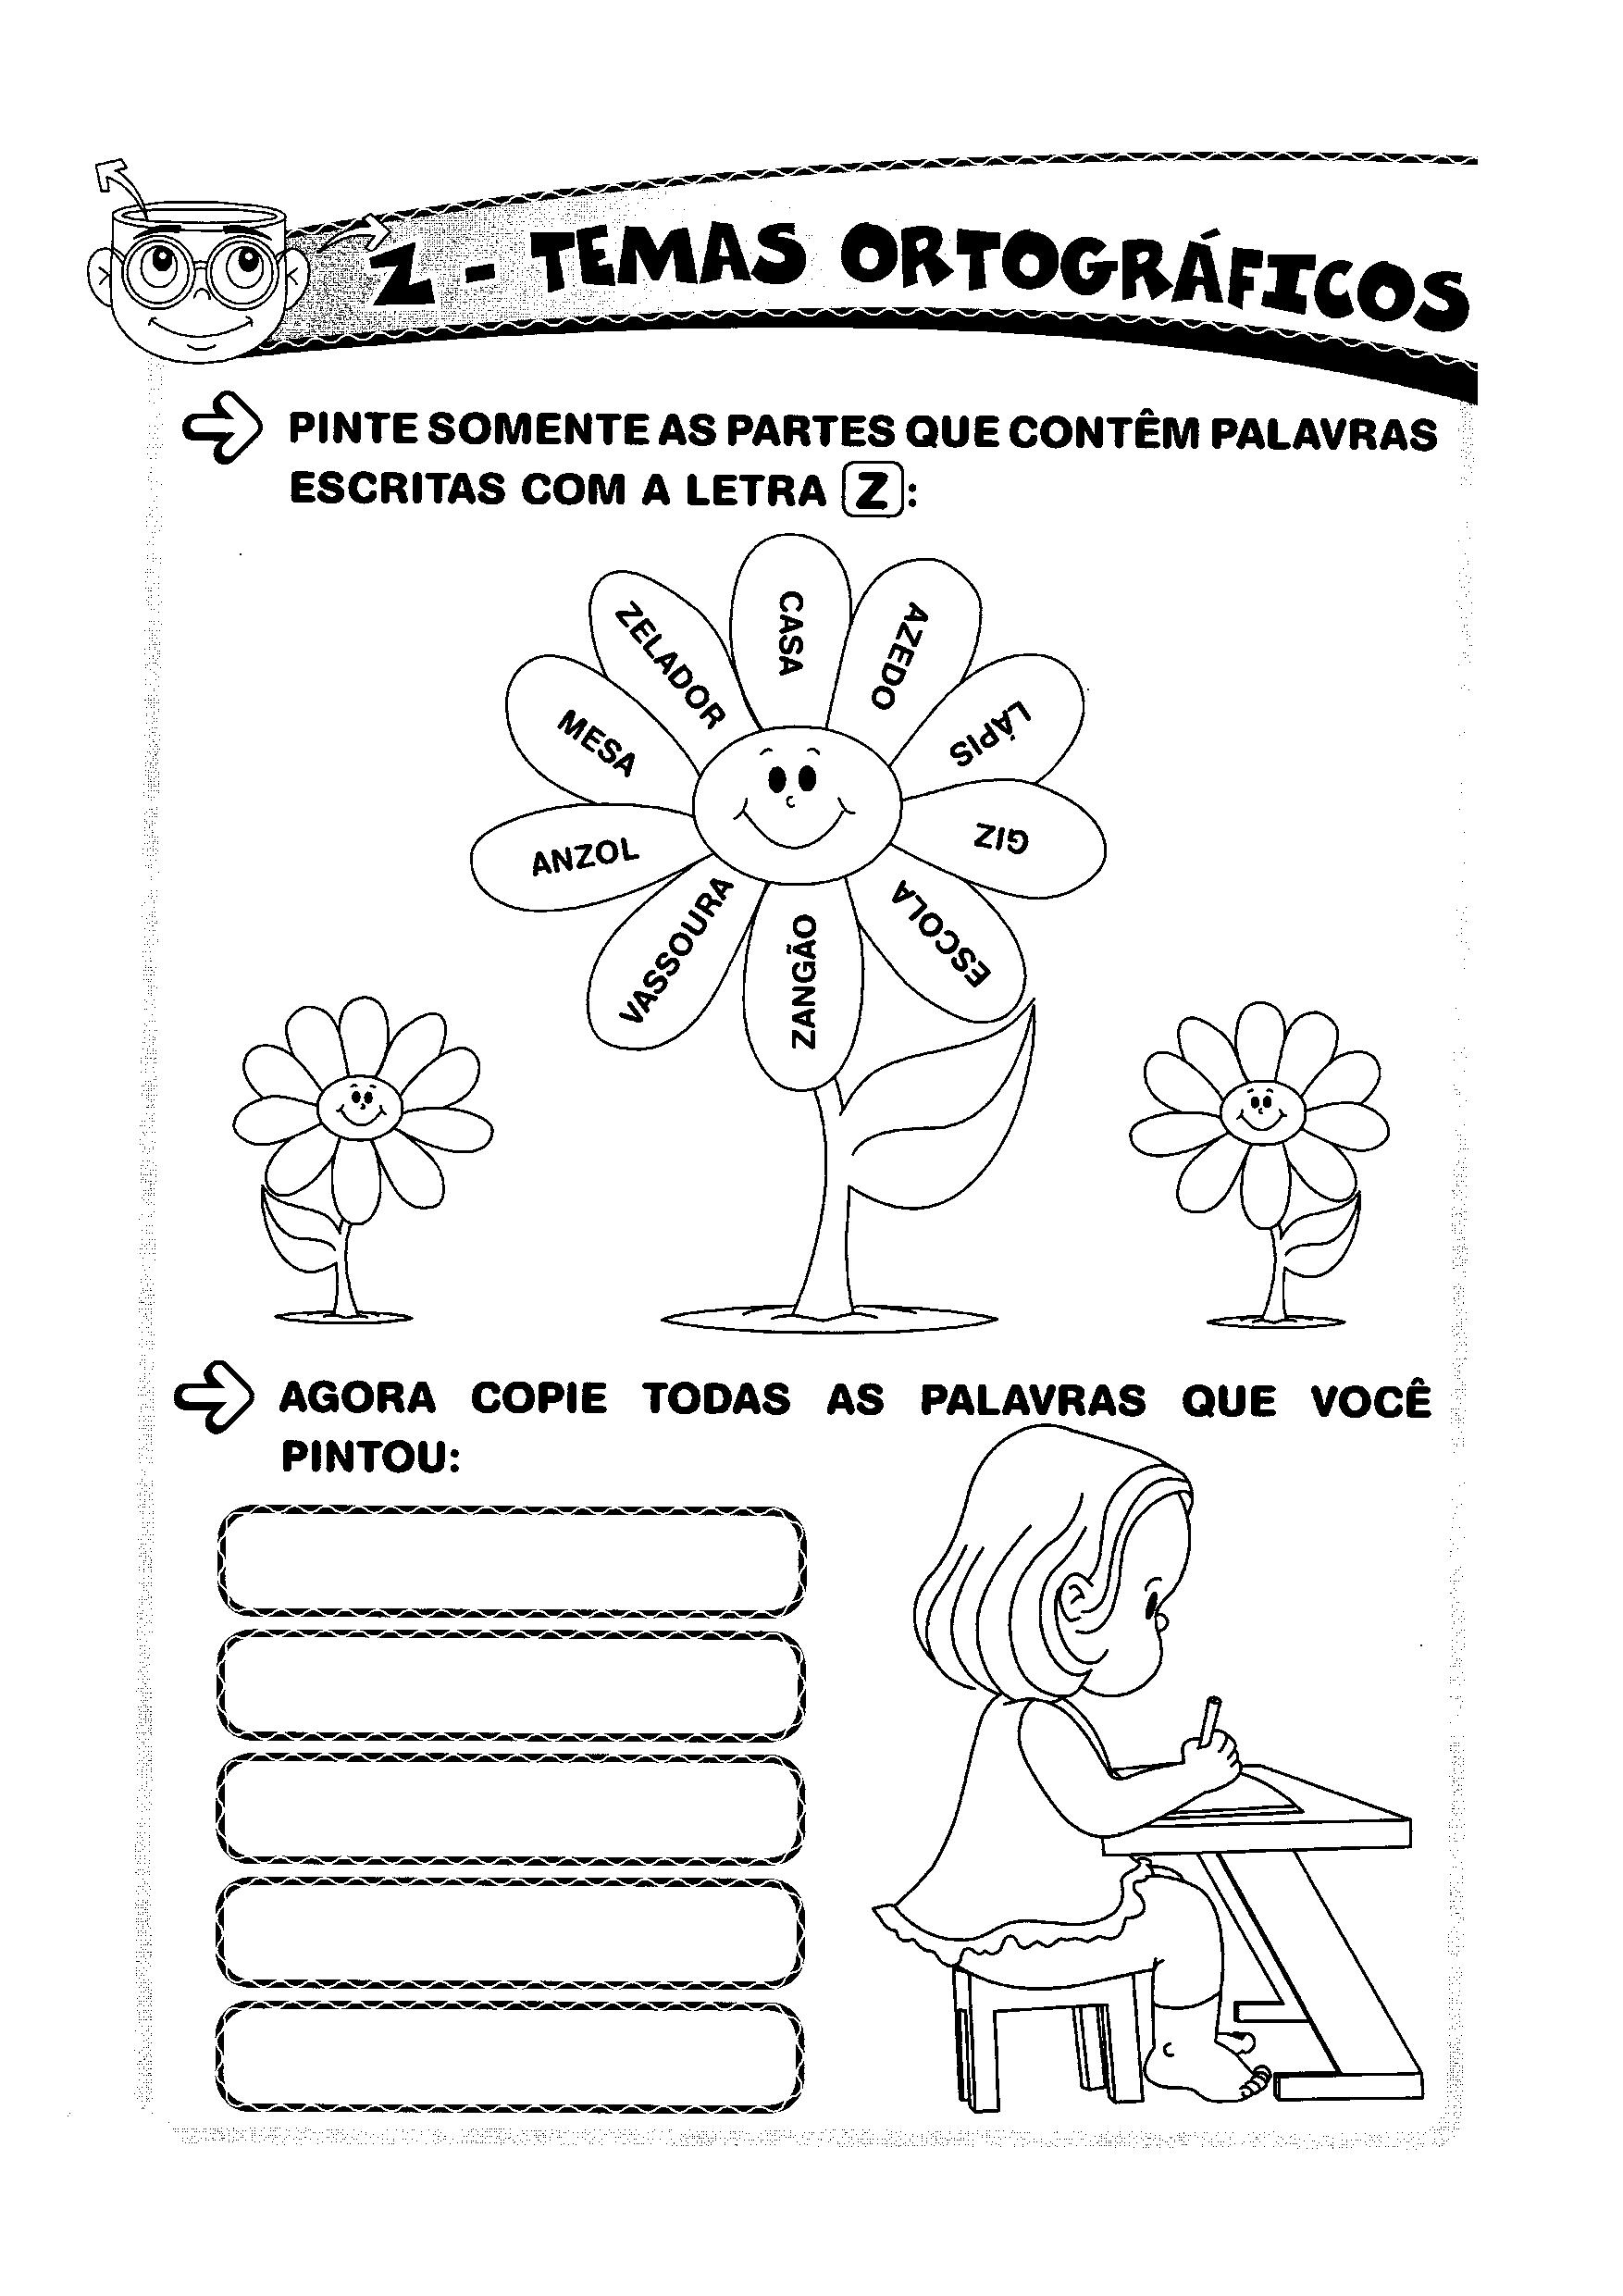 Atividade de colorir e copiar